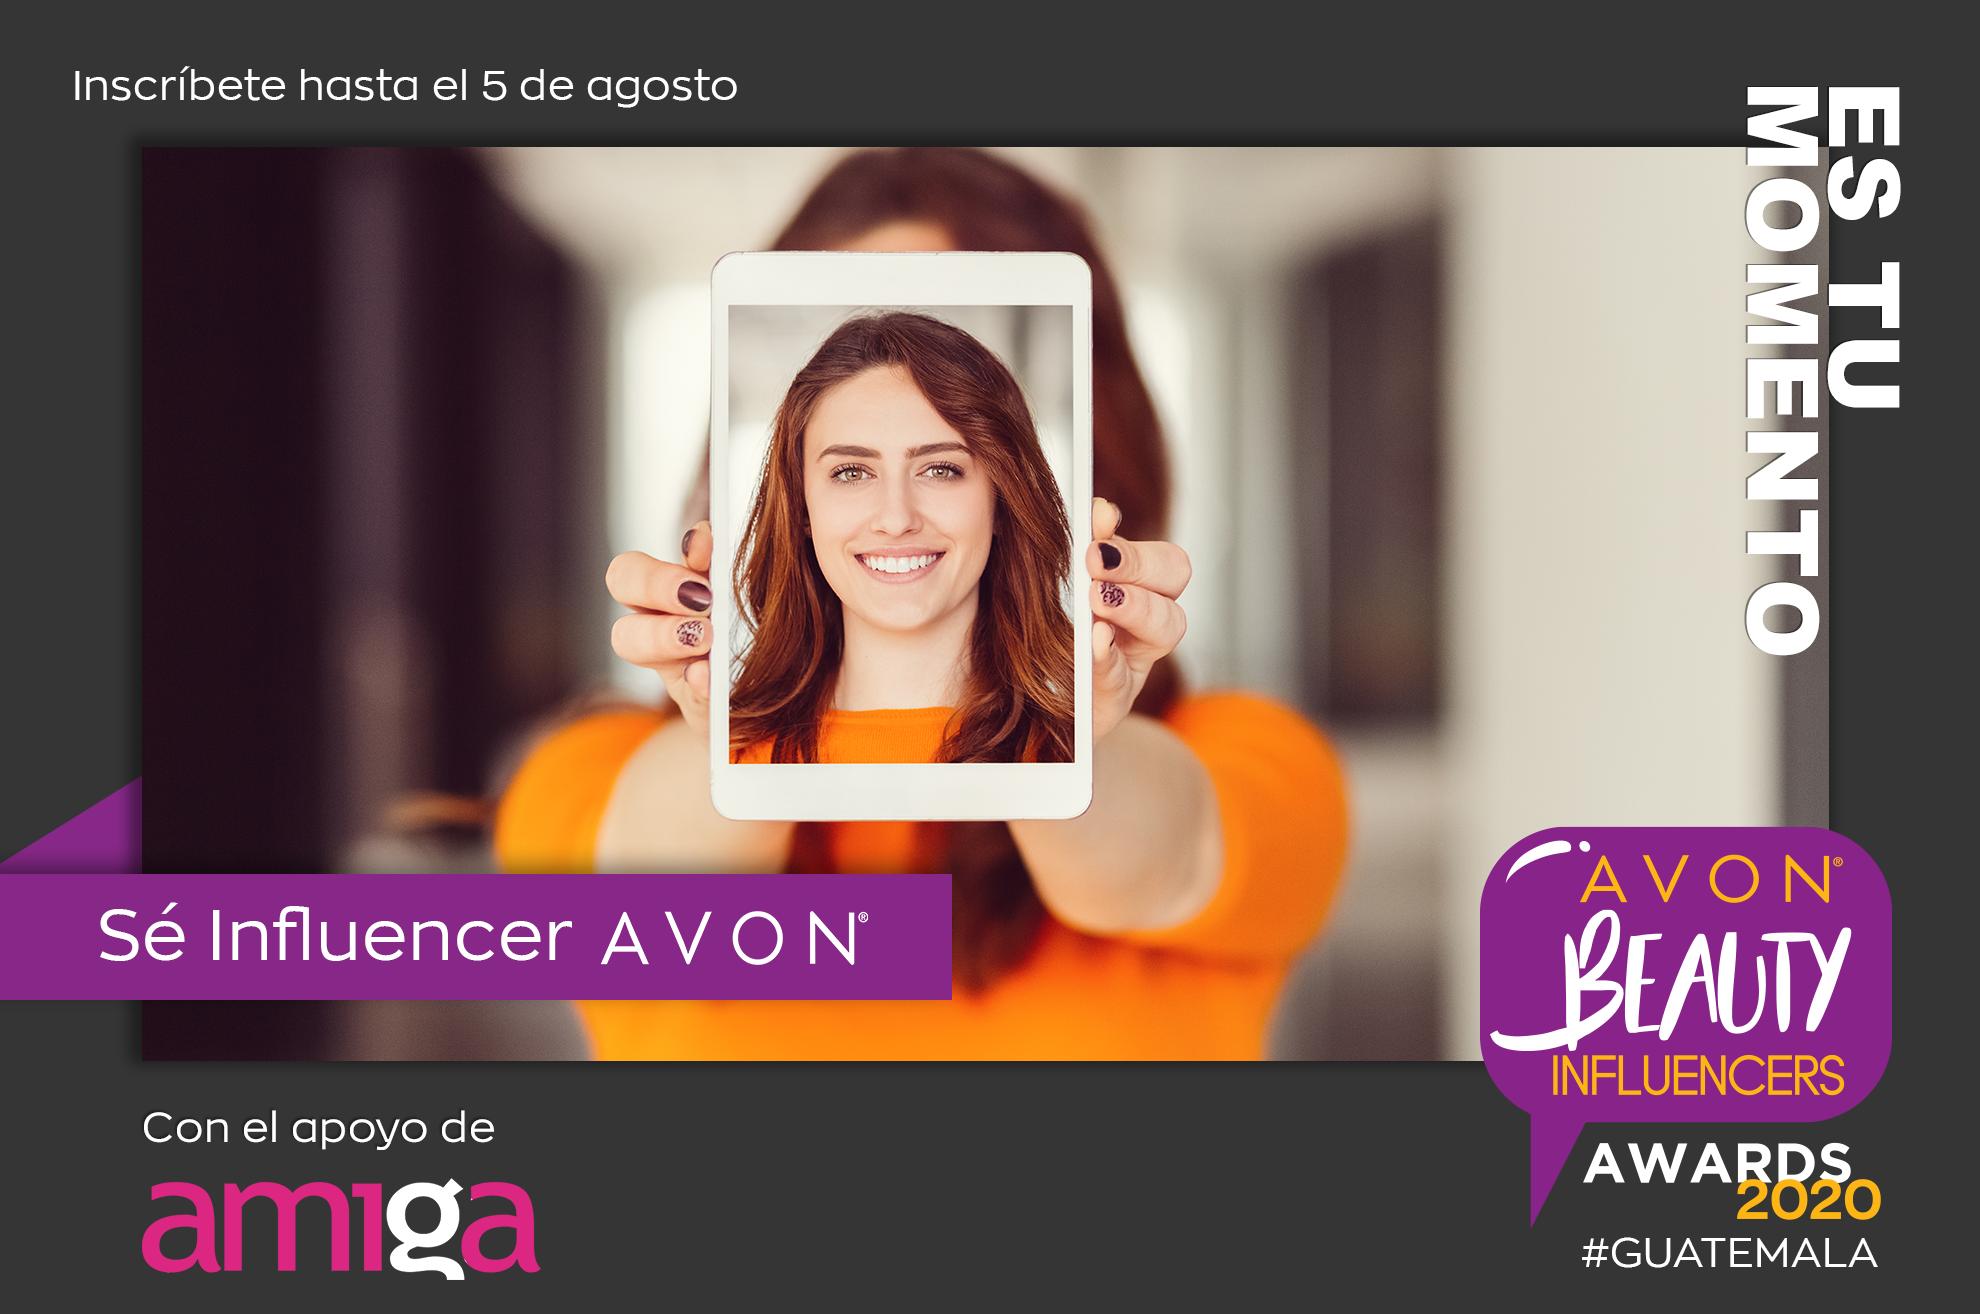 ¡Puedes ser la nueva influencer de Avon!